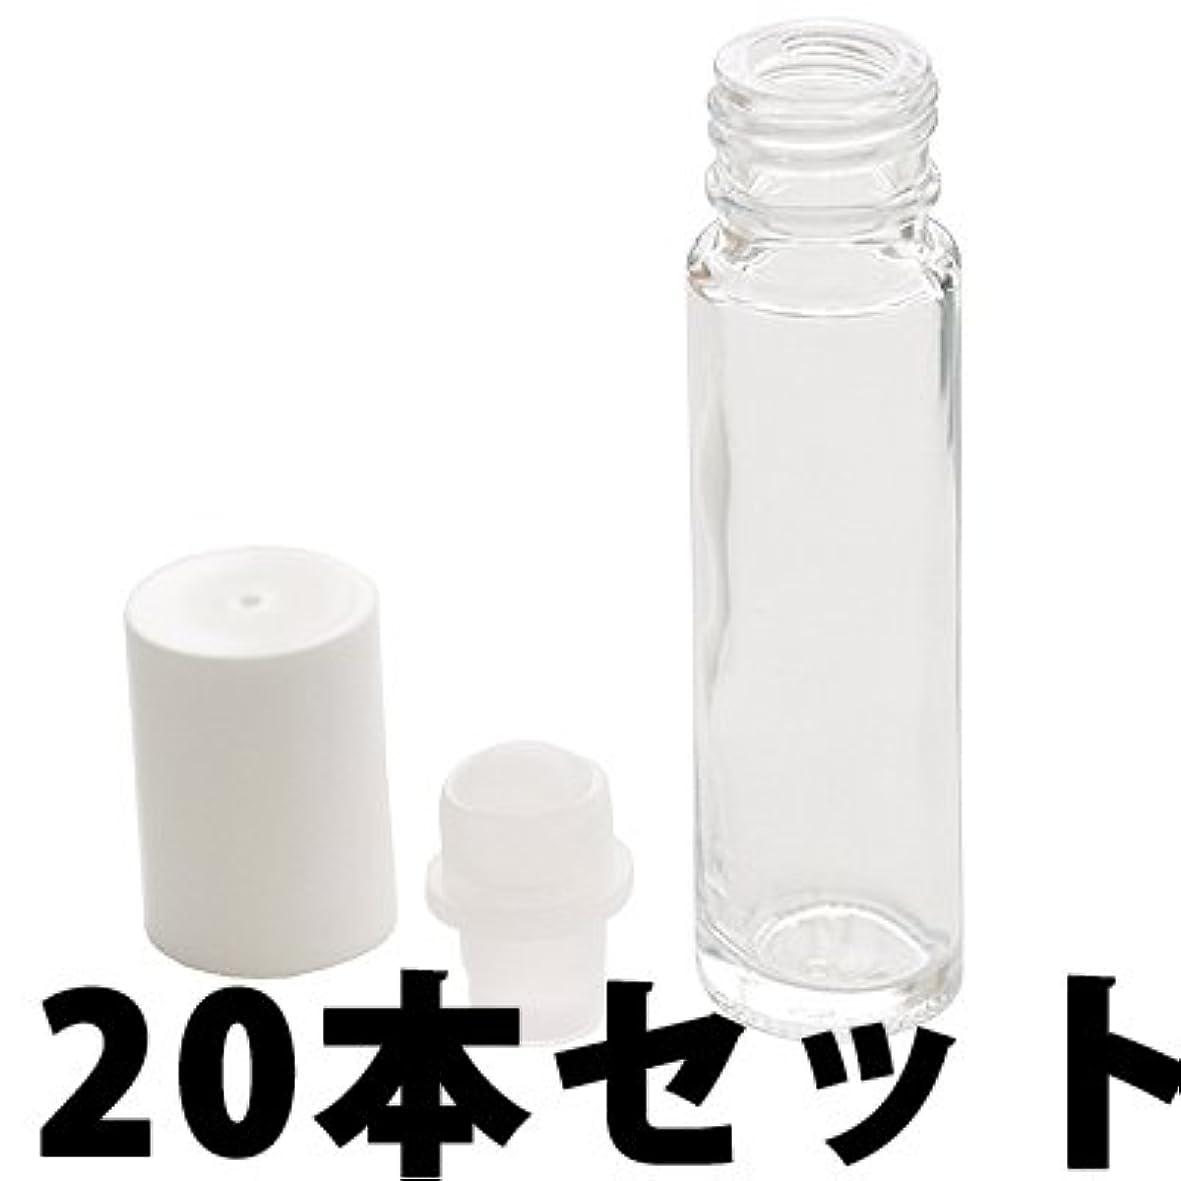 作ります操作ピルロールオンボトル10ml 白キャップ×20本セット アトマイザーロールオンガラスボトル